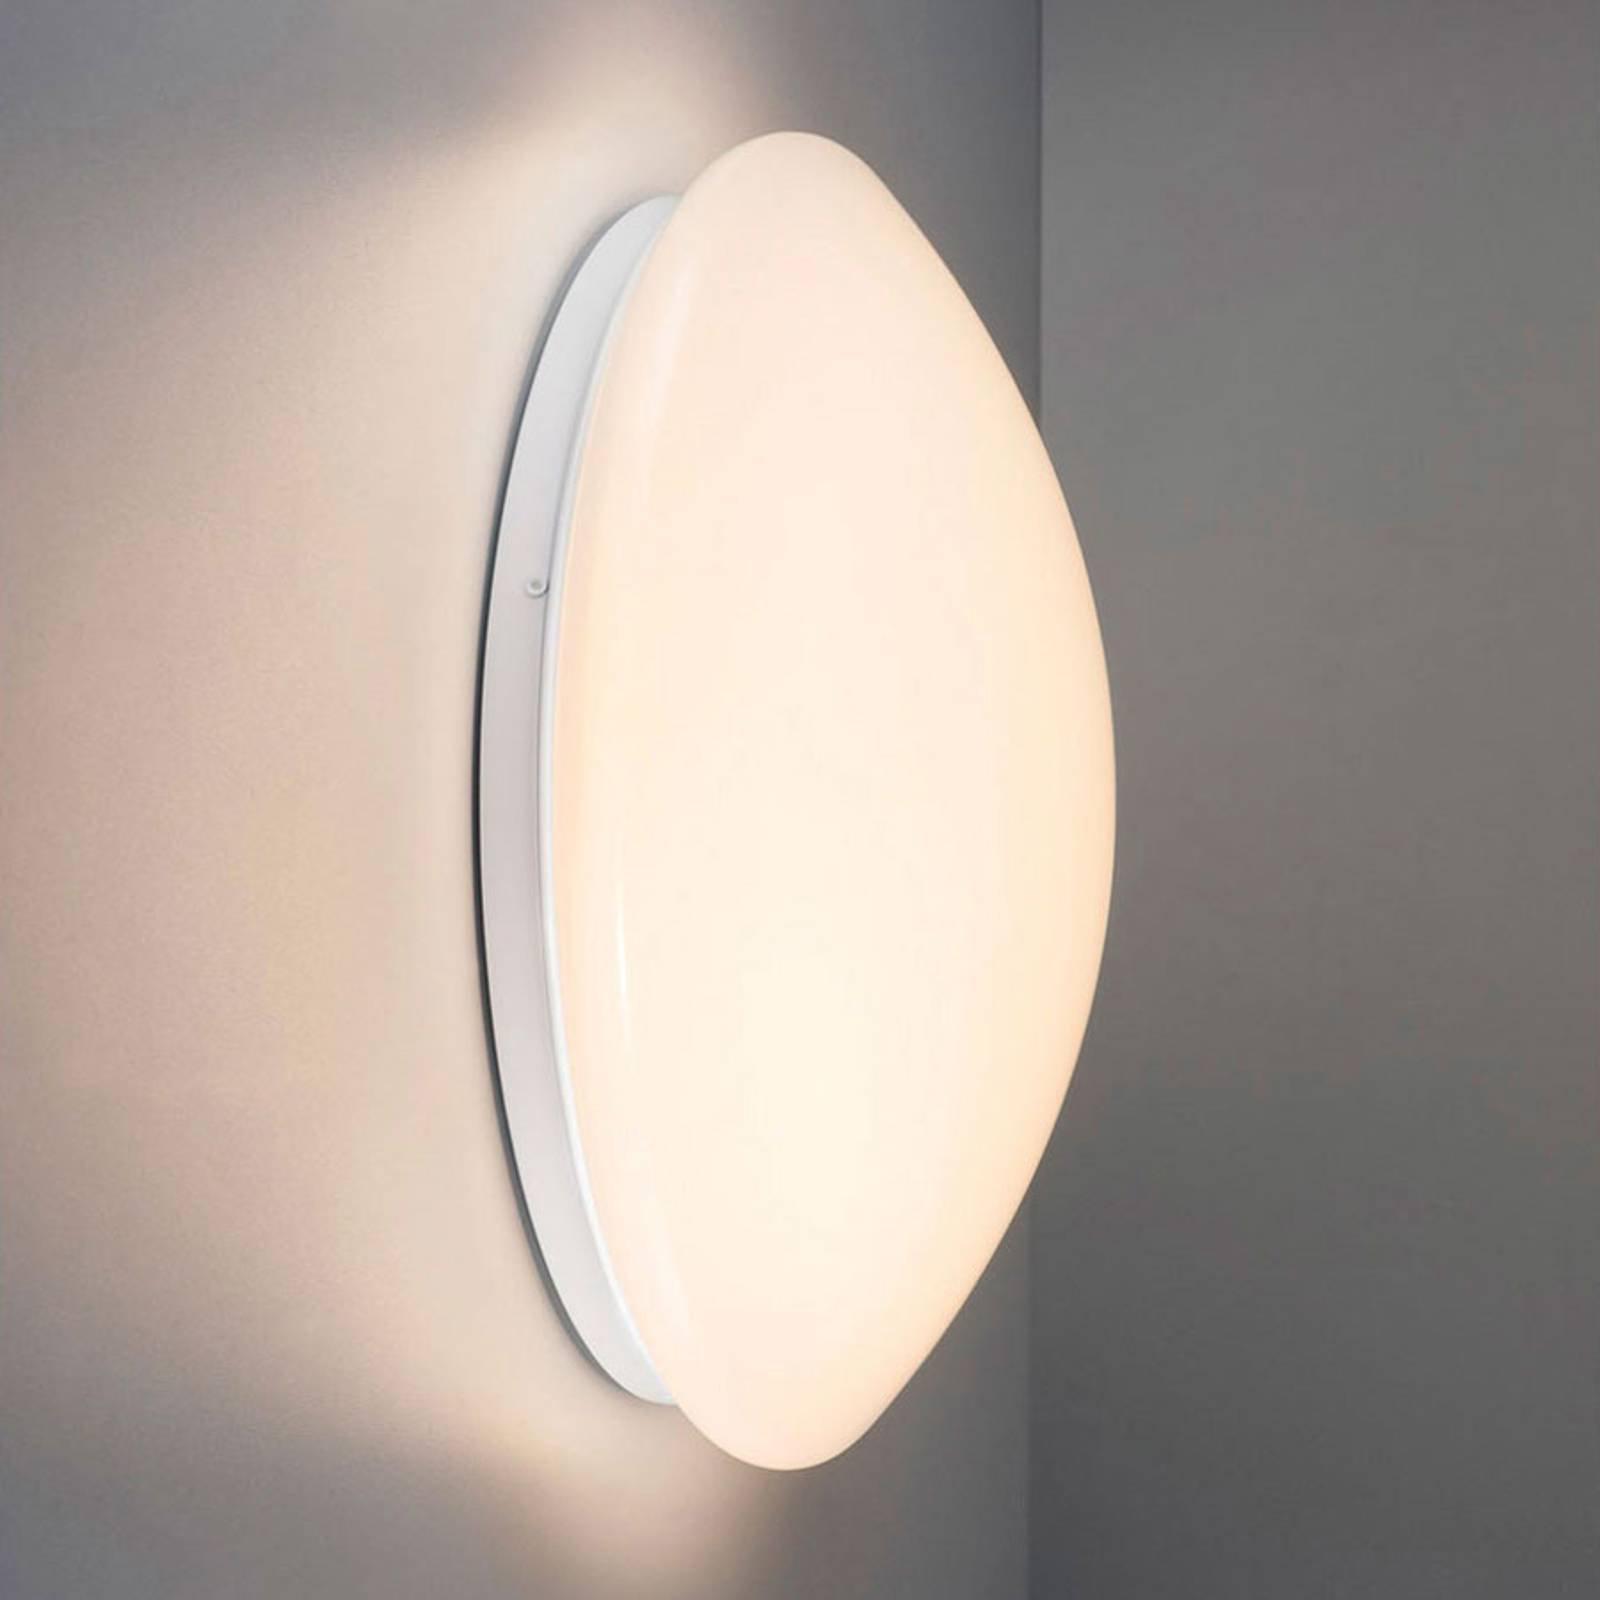 SLV VALETO Lipsy LED-vegglampe, Ø 28 cm